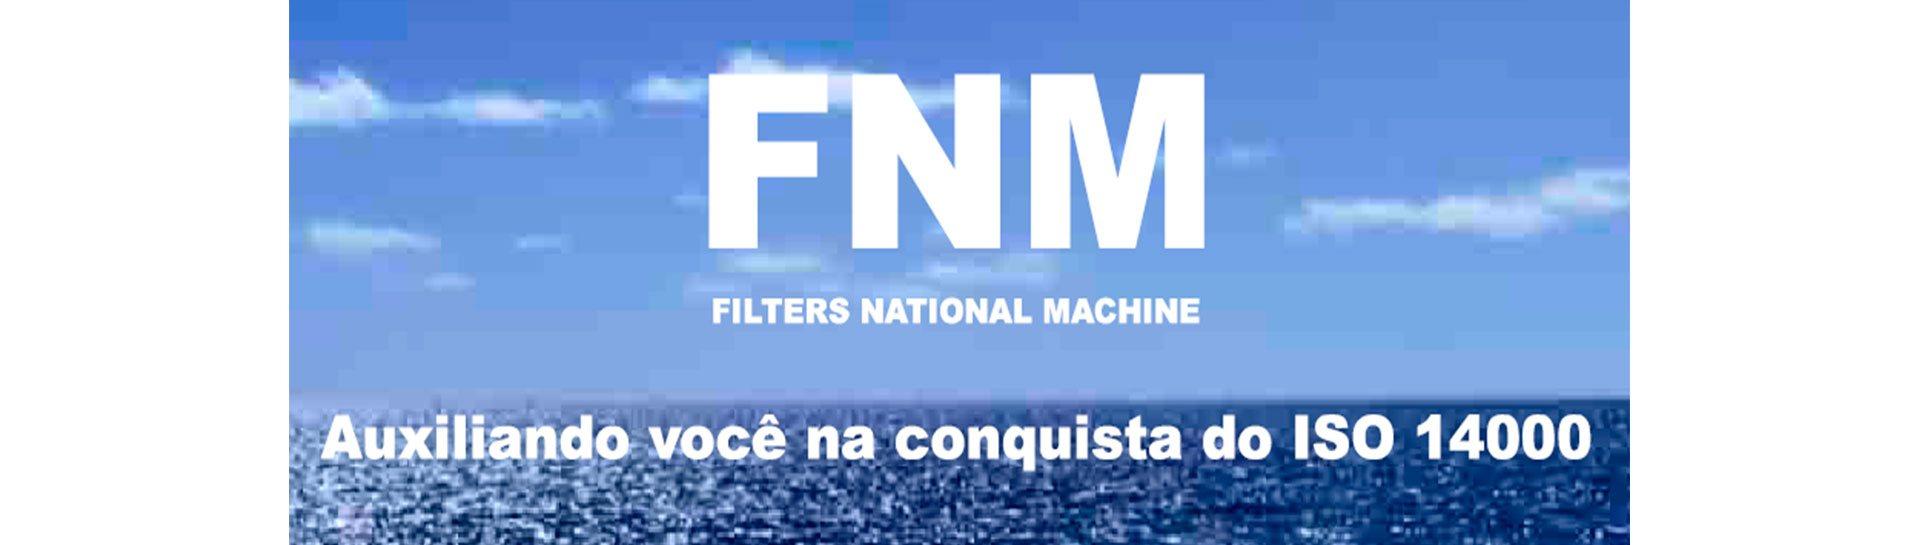 FNM - FILTRANS - Tecnologia em filtragem industrial